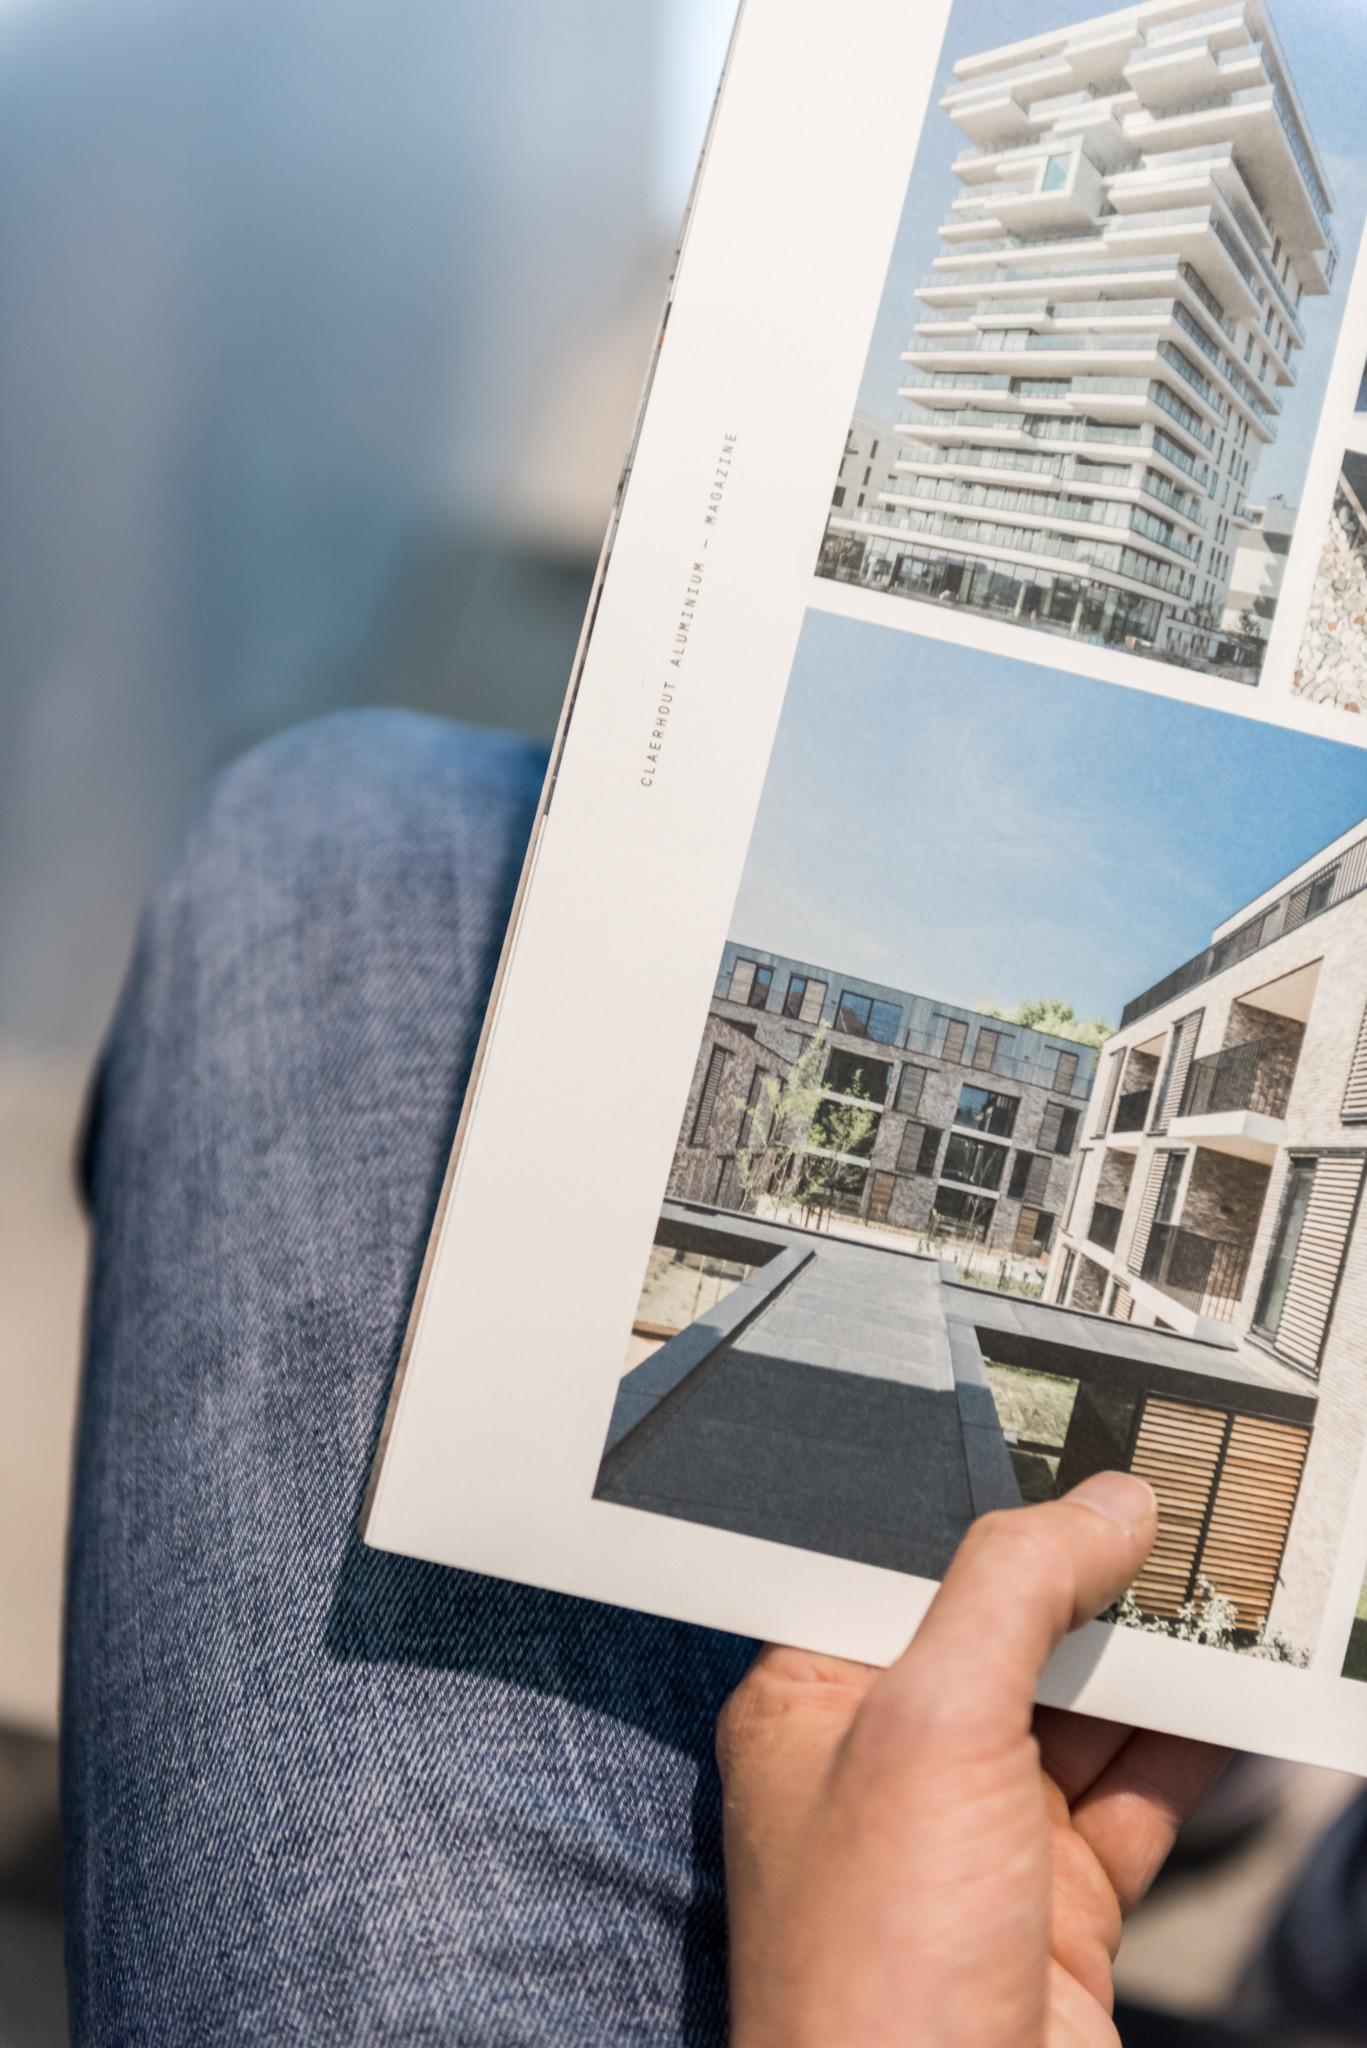 In dit bedrijfsmagazine van Claerhout Aluminium werd veel aandacht besteed aan de fotografie